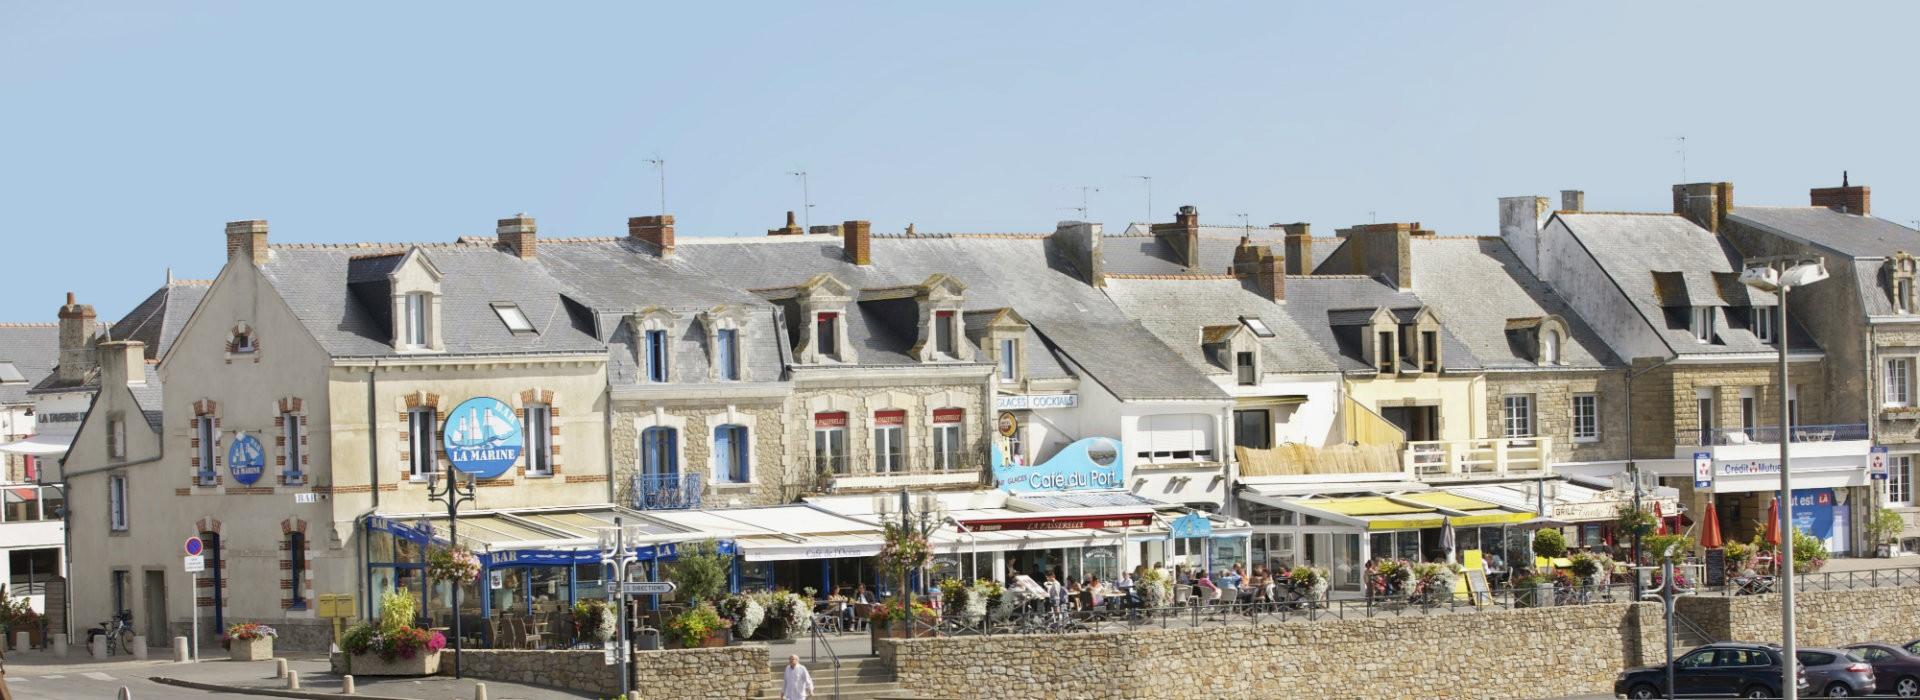 Restaurants et produits locaux à La Turballe - Teddy Locquard